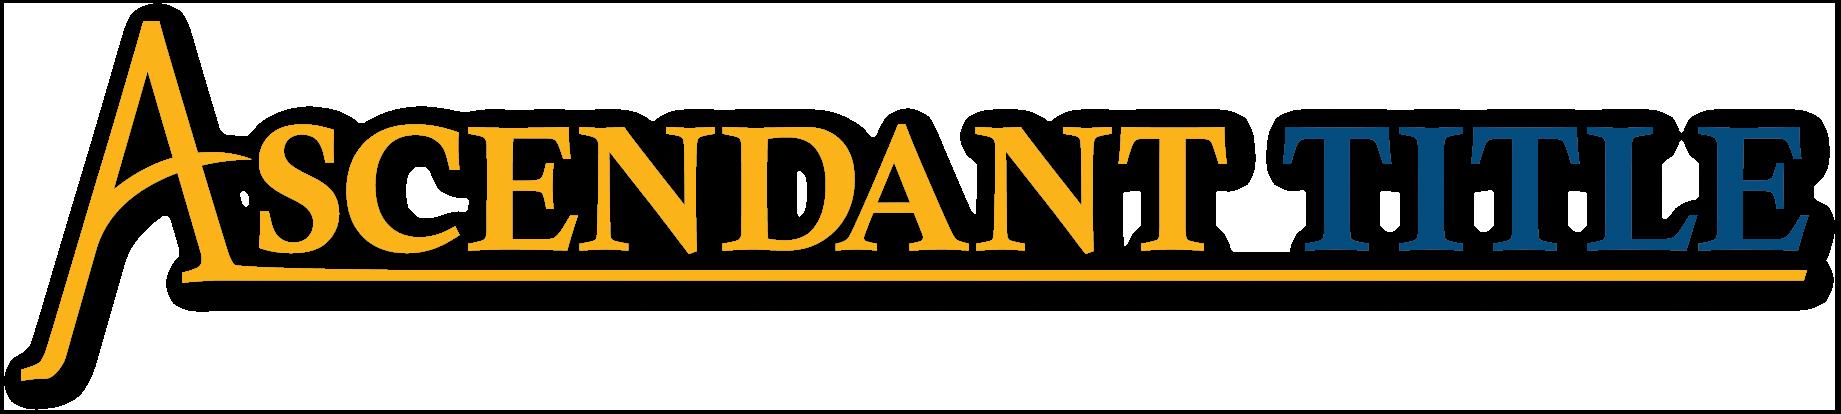 Ascendant Title